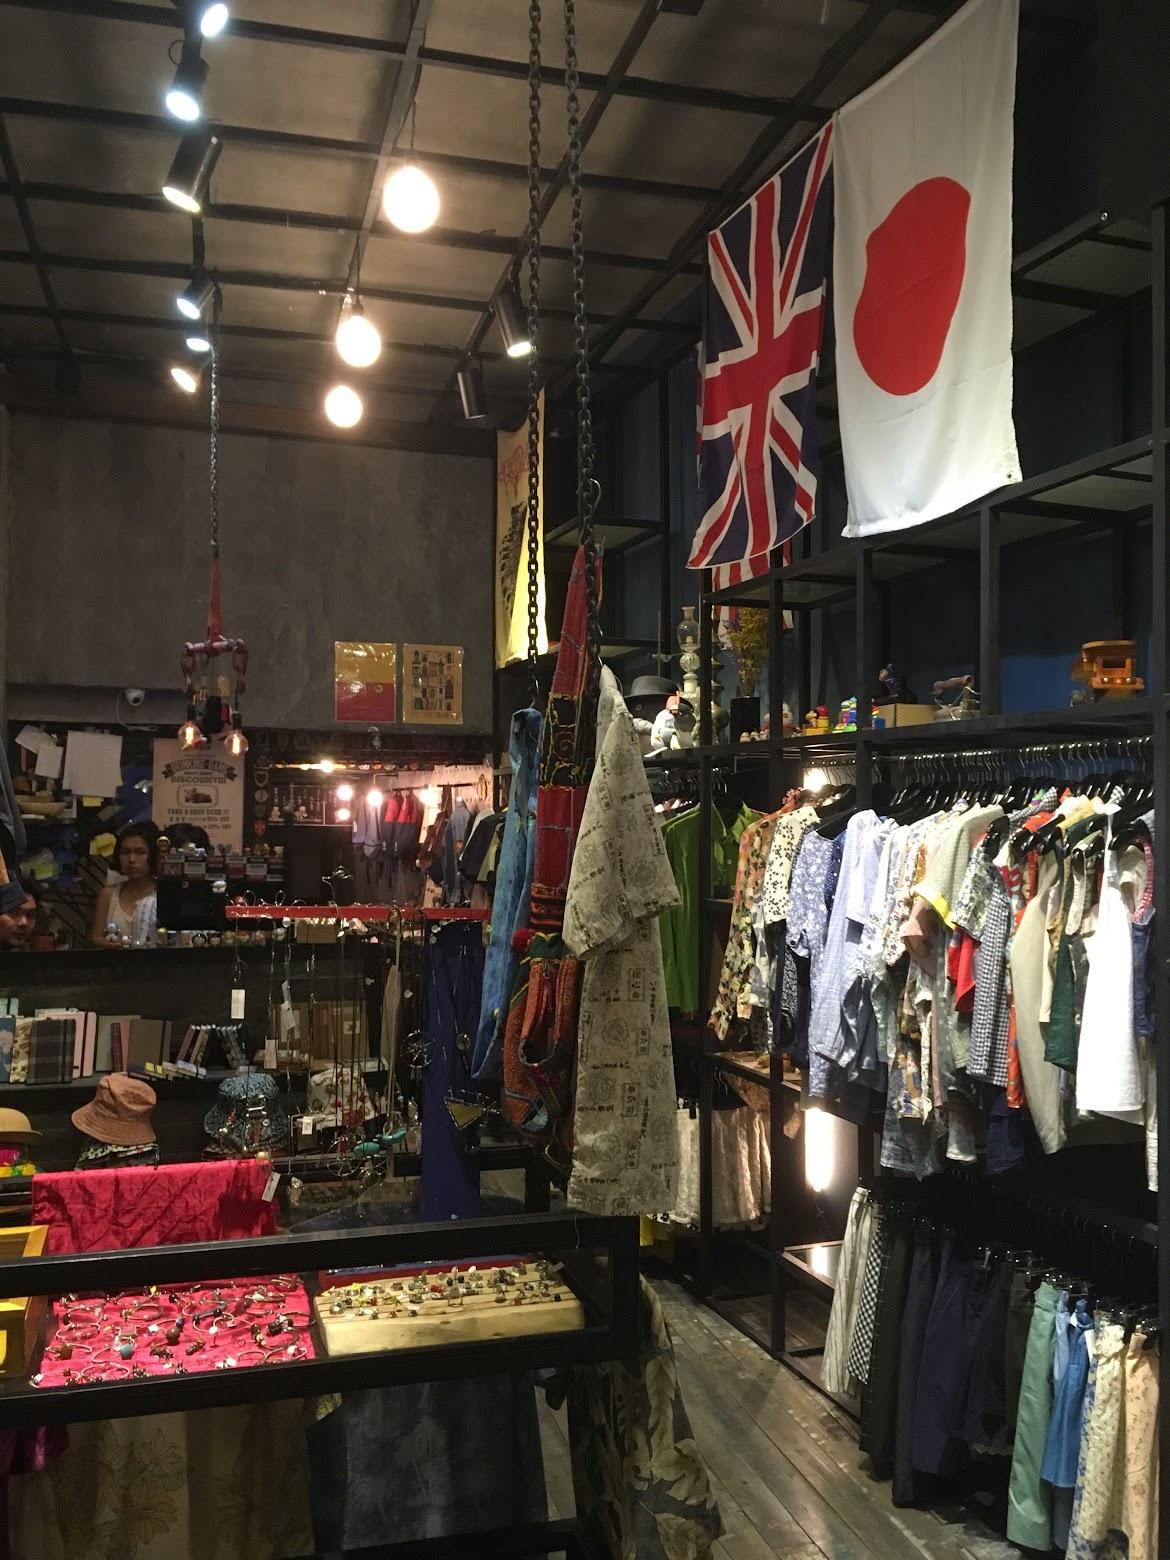 店内に入る大きく吊るされている日本の国旗。まさか日本からインポートしてベトナムで販売しているとは。